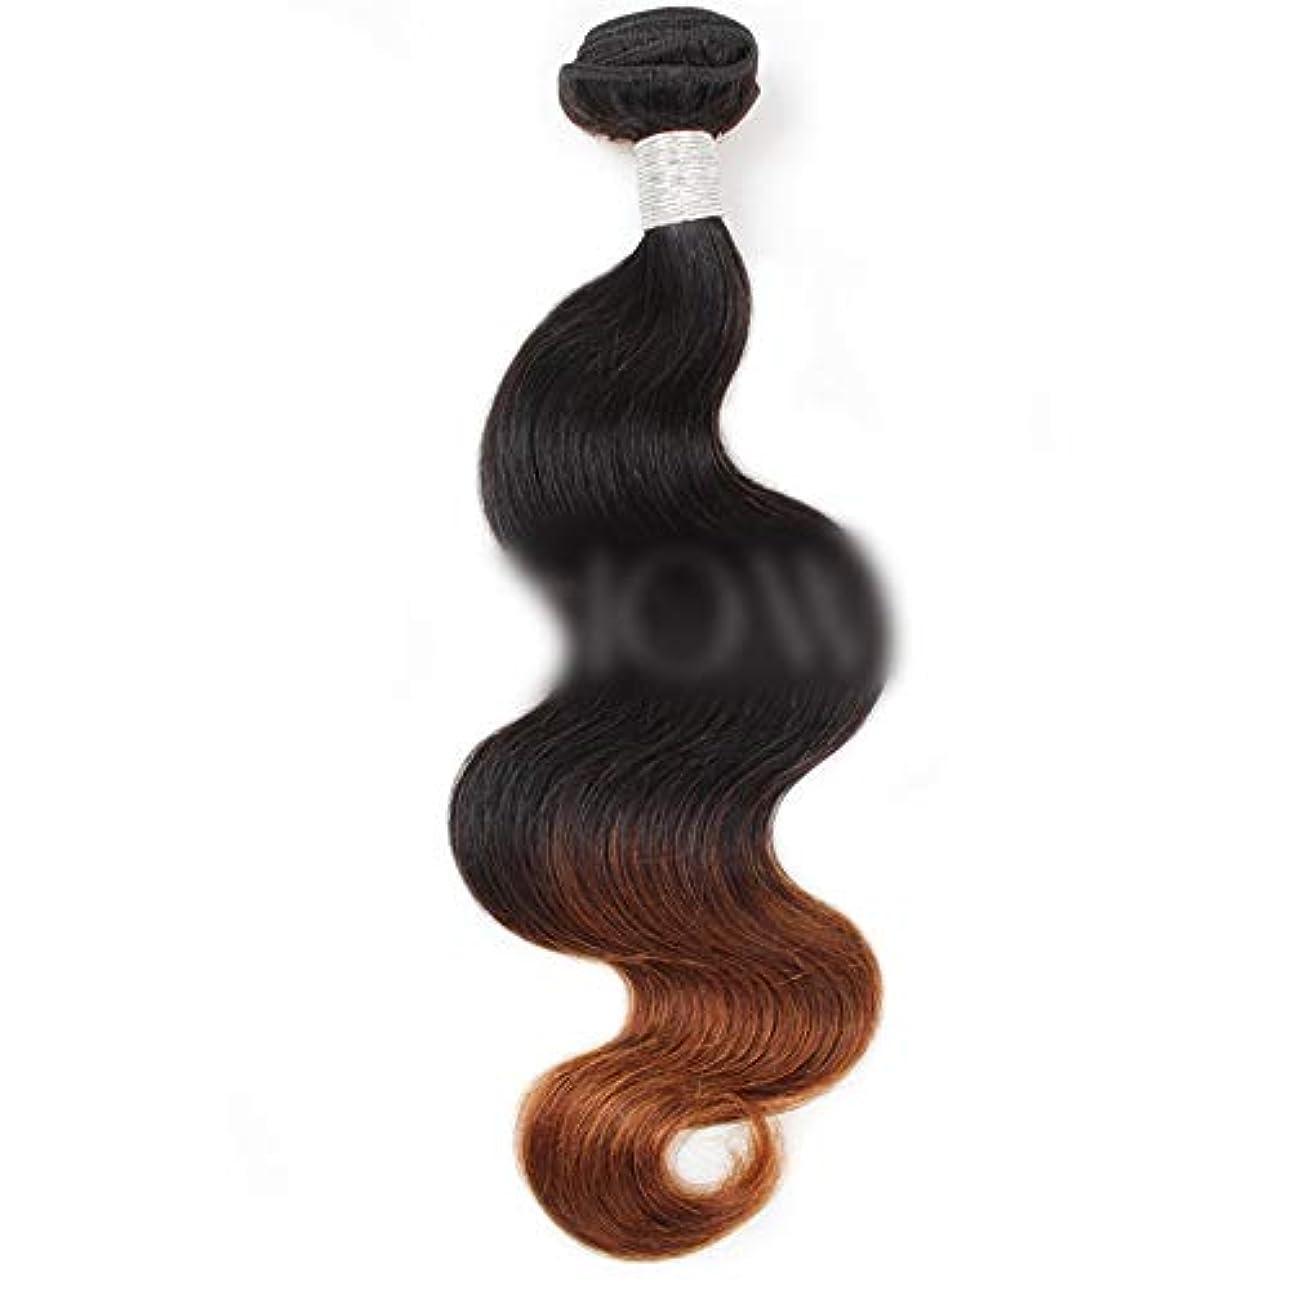 パスポート反動強打HOHYLLYA ブラジルの人間の髪の毛の束実体波バージンヘア織り方 - 1B / 4#2トーン色ロールプレイングかつら女性のかつら (色 : ブラウン, サイズ : 22 inch)